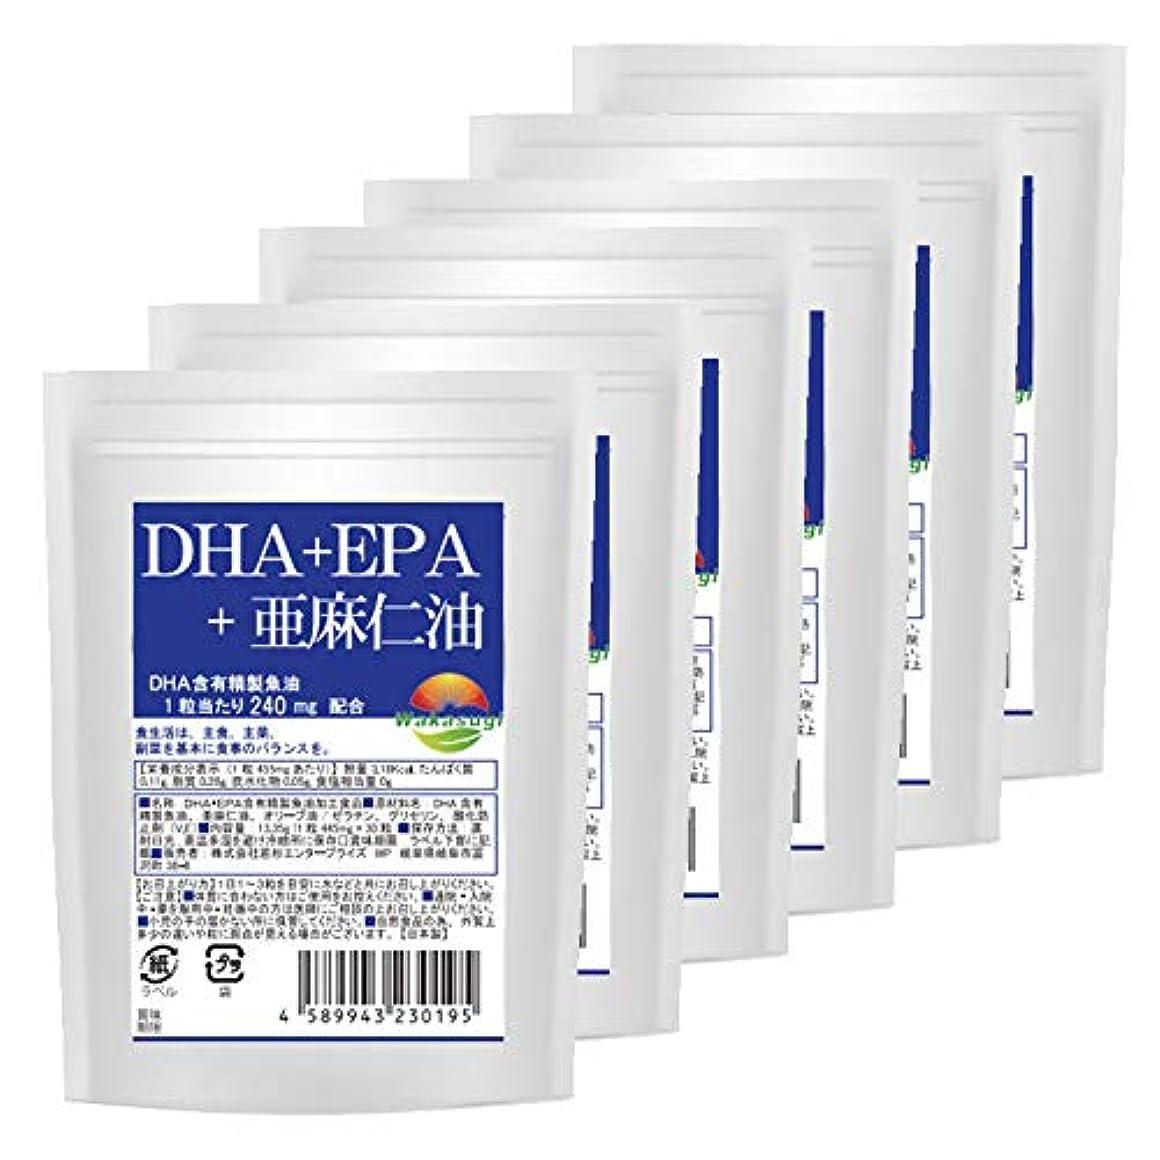 プラットフォームキャリアキャンペーンDHA+EPA+亜麻仁油 ソフトカプセル 30粒 6袋 セット 計180粒 最大6か月分